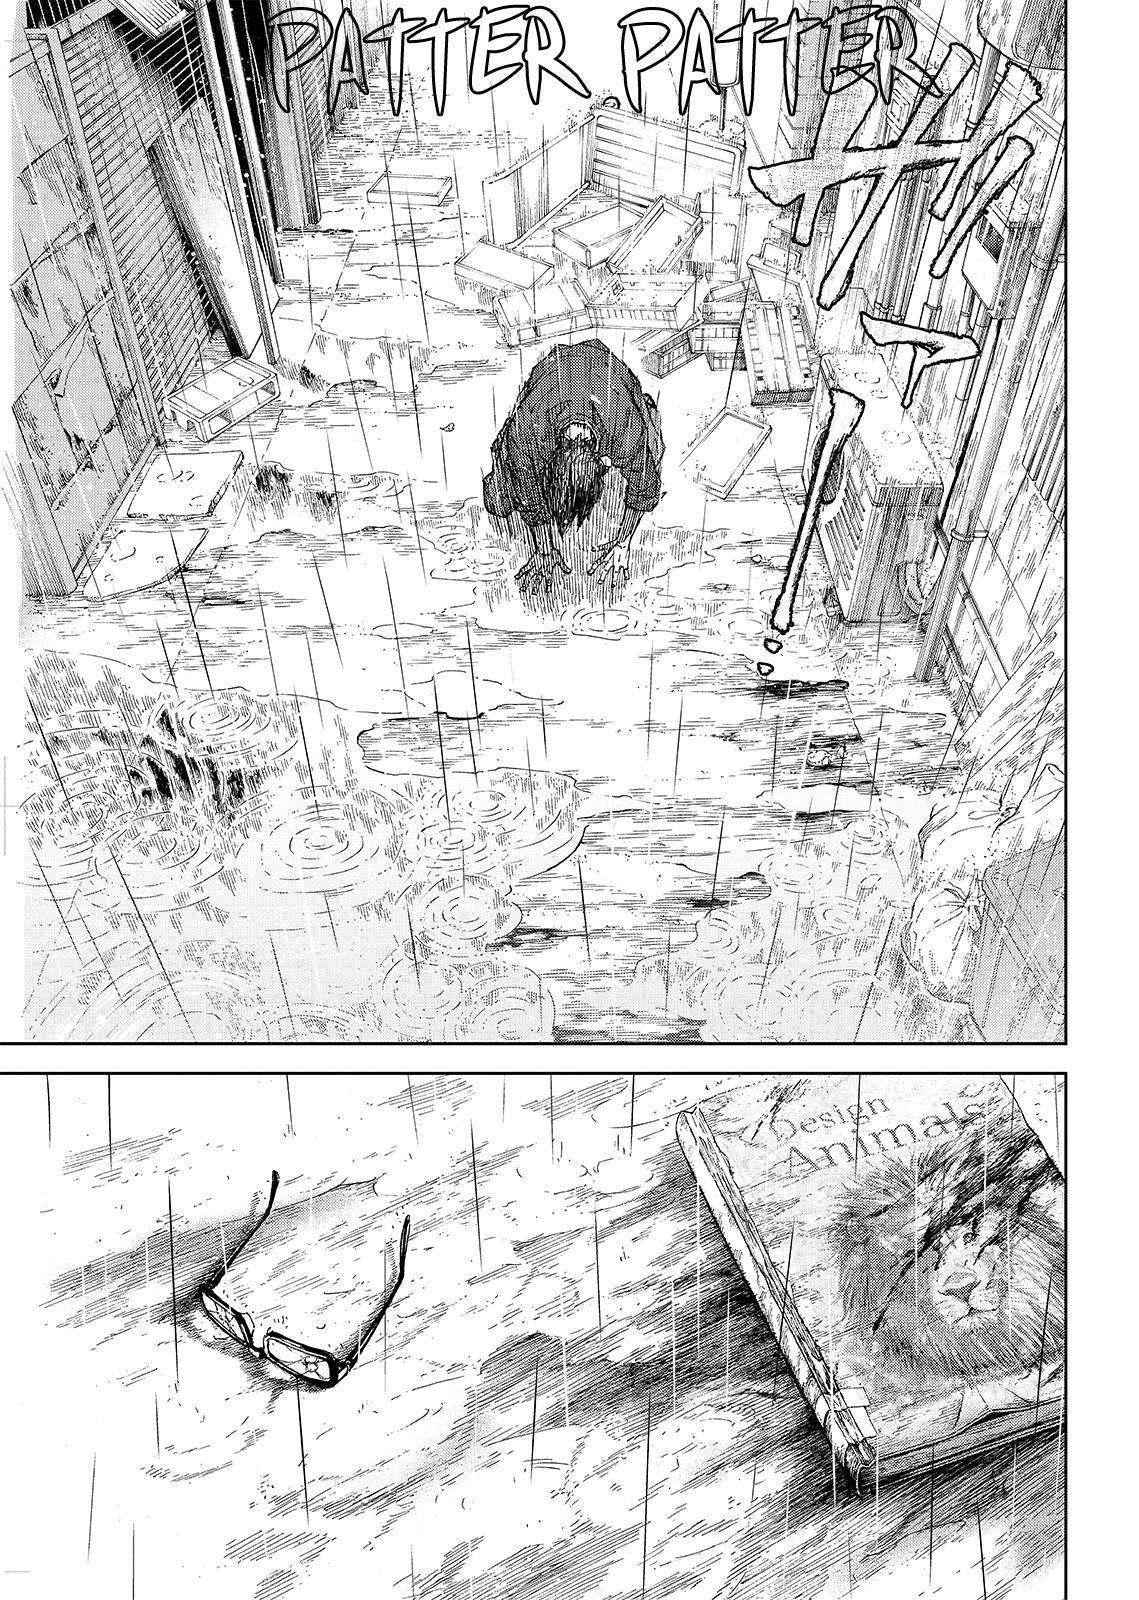 https://c5.ninemanga.com/es_manga/54/16310/392138/e14c38bd11cd714b970735ade2f233fa.jpg Page 6